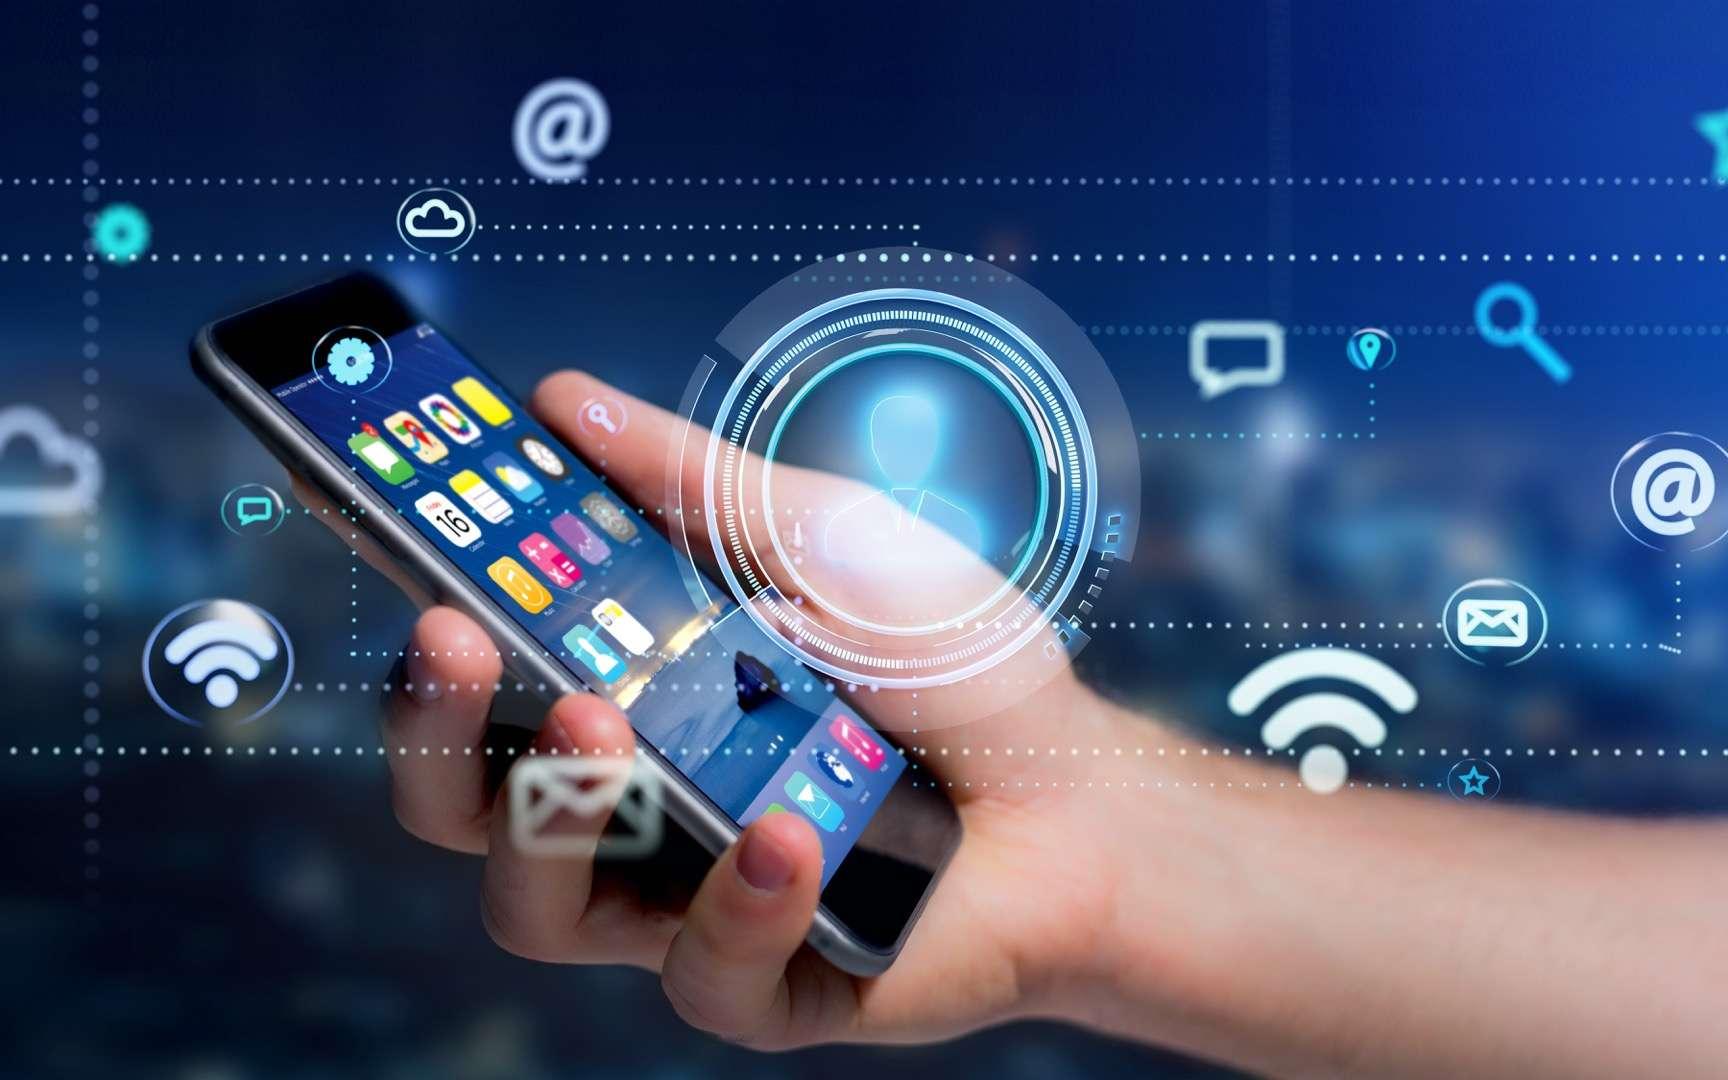 De l'intérêt pour les entreprises de développer leurs applications mobiles. © Production Perig, Adobe Stock